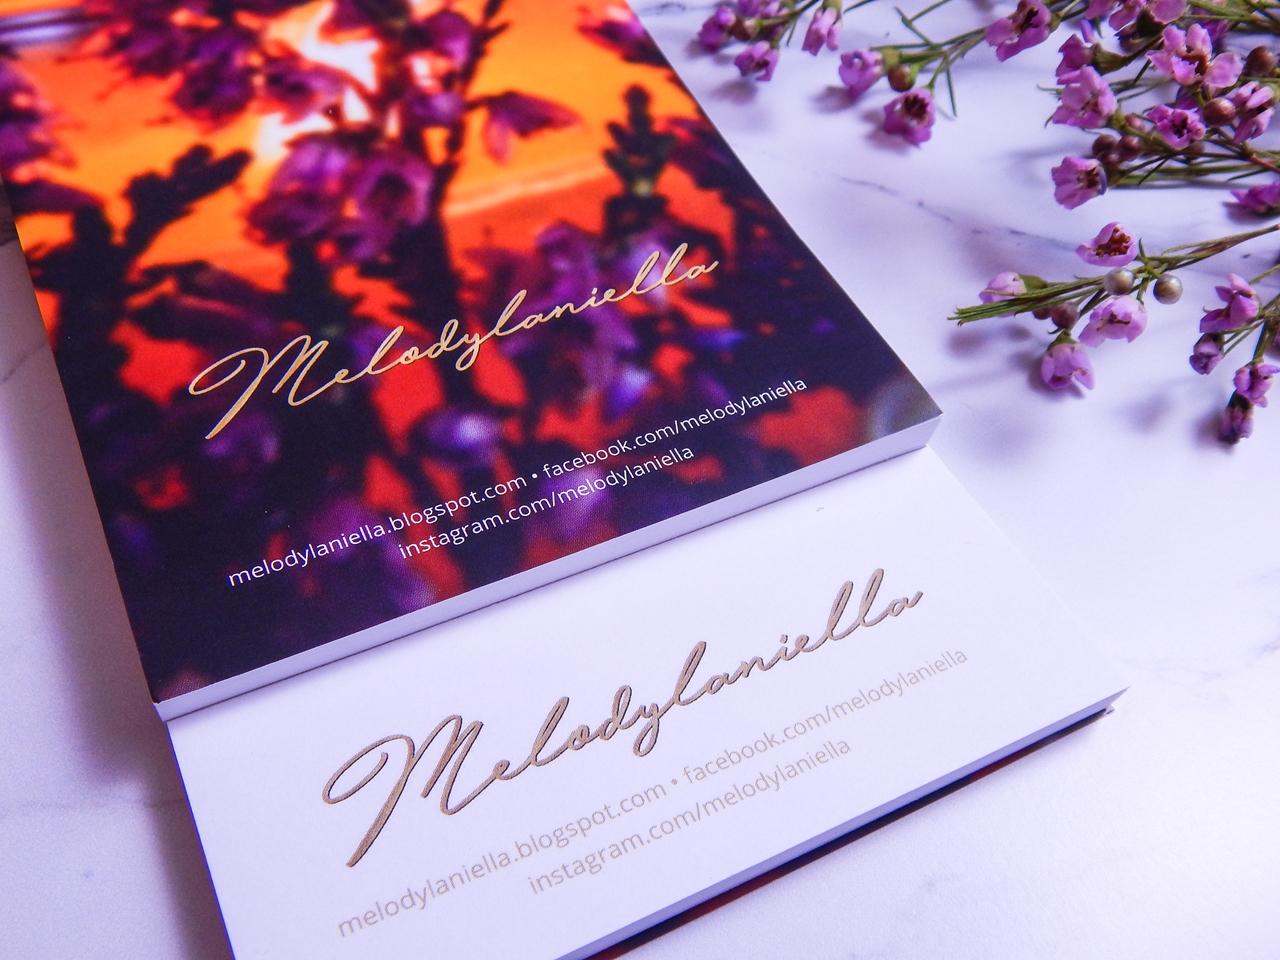 12 colour.me colourme colour me wizytówki druk wizytówek notesów kompleksowa obsługa firm gdzie wydrukować wizytówki zaproszenia kartki świąteczne melodylaniella spersonalizowane gadżety dla firm